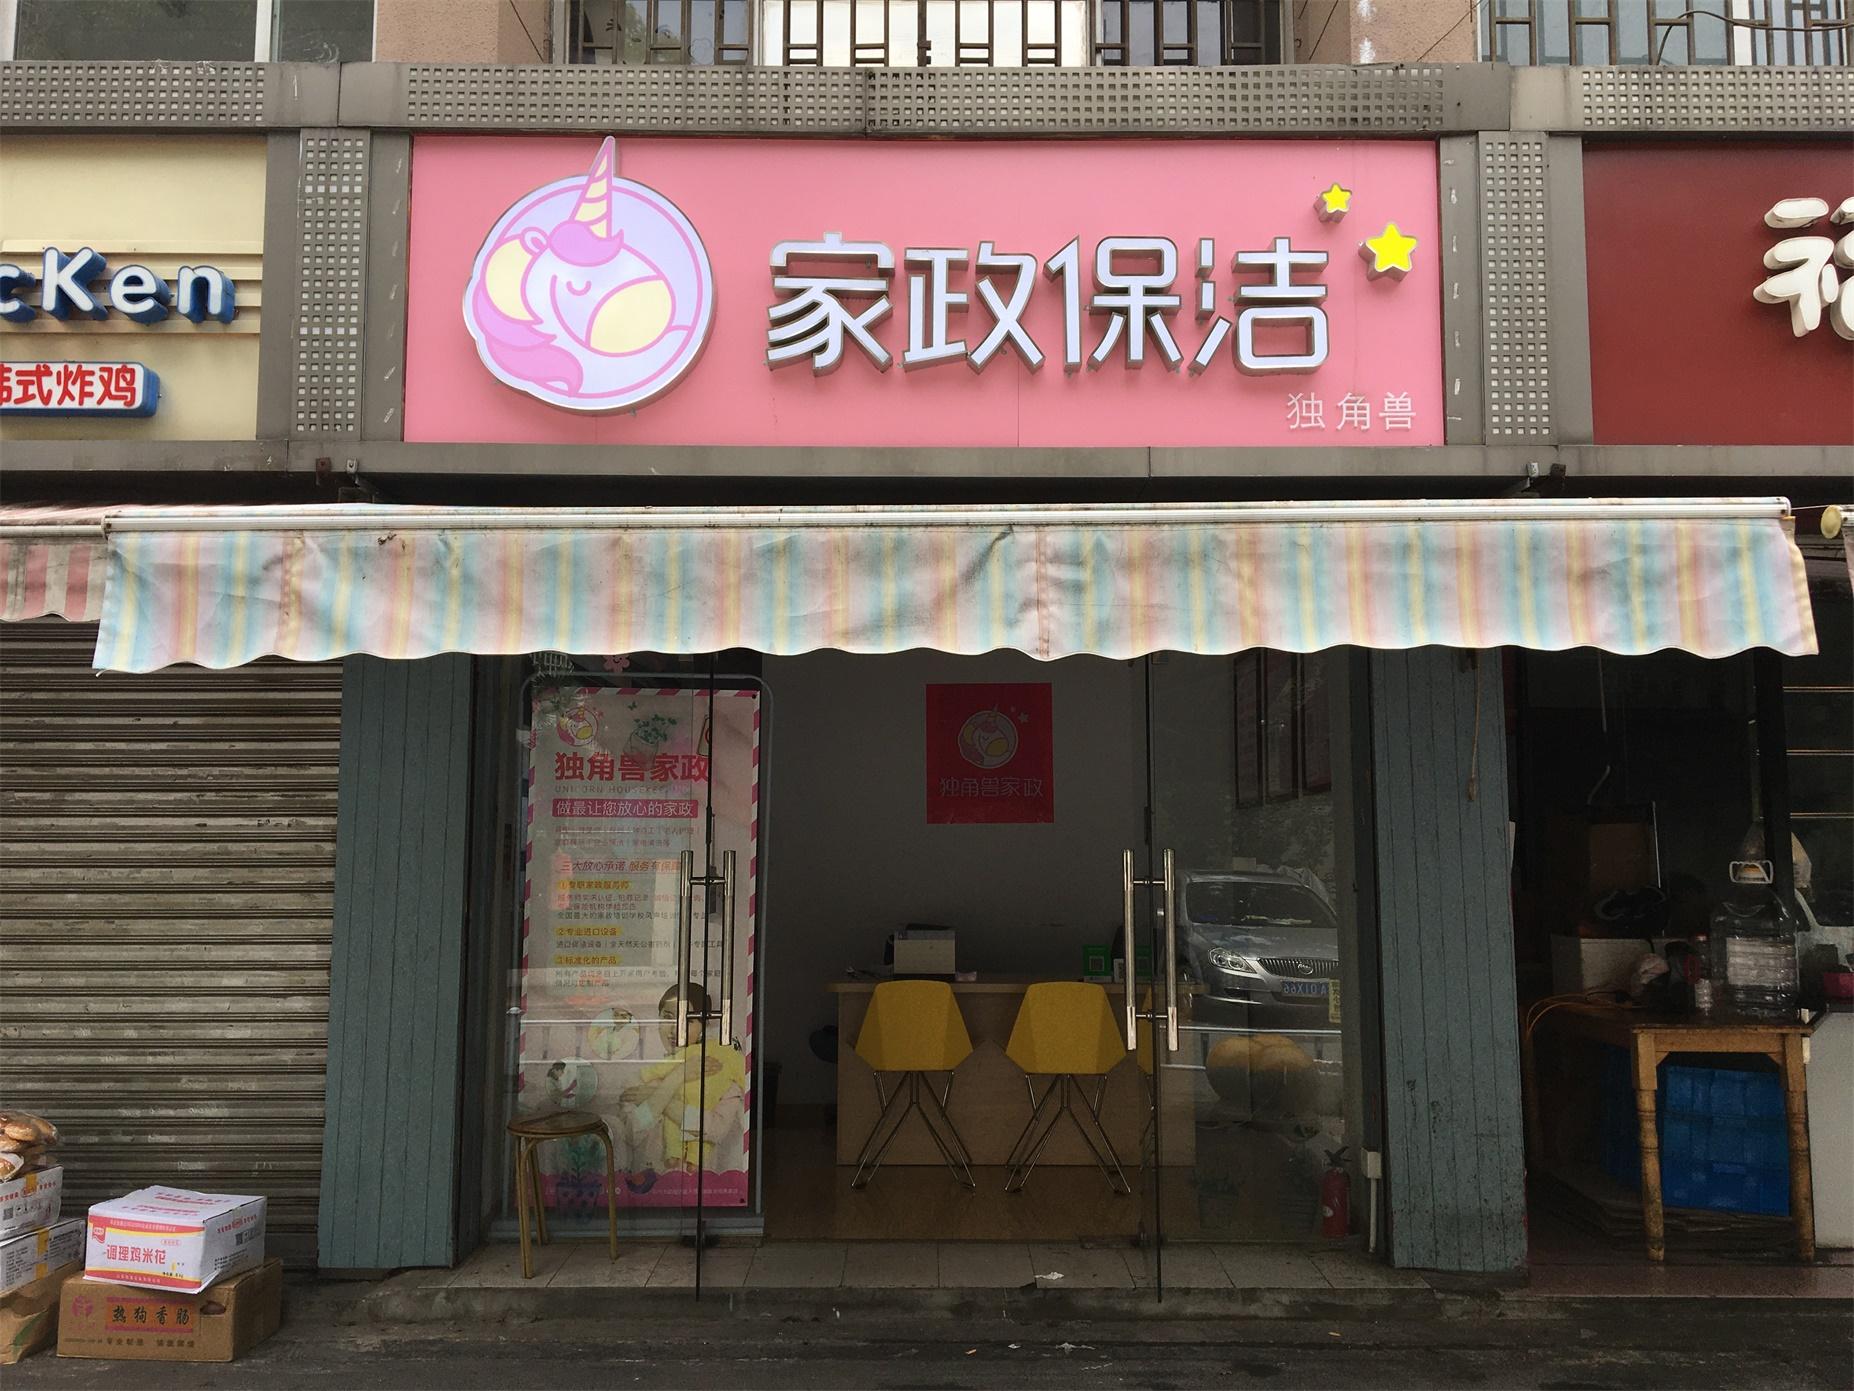 风声商学院x独角兽家政,南京专业家政培训中心!